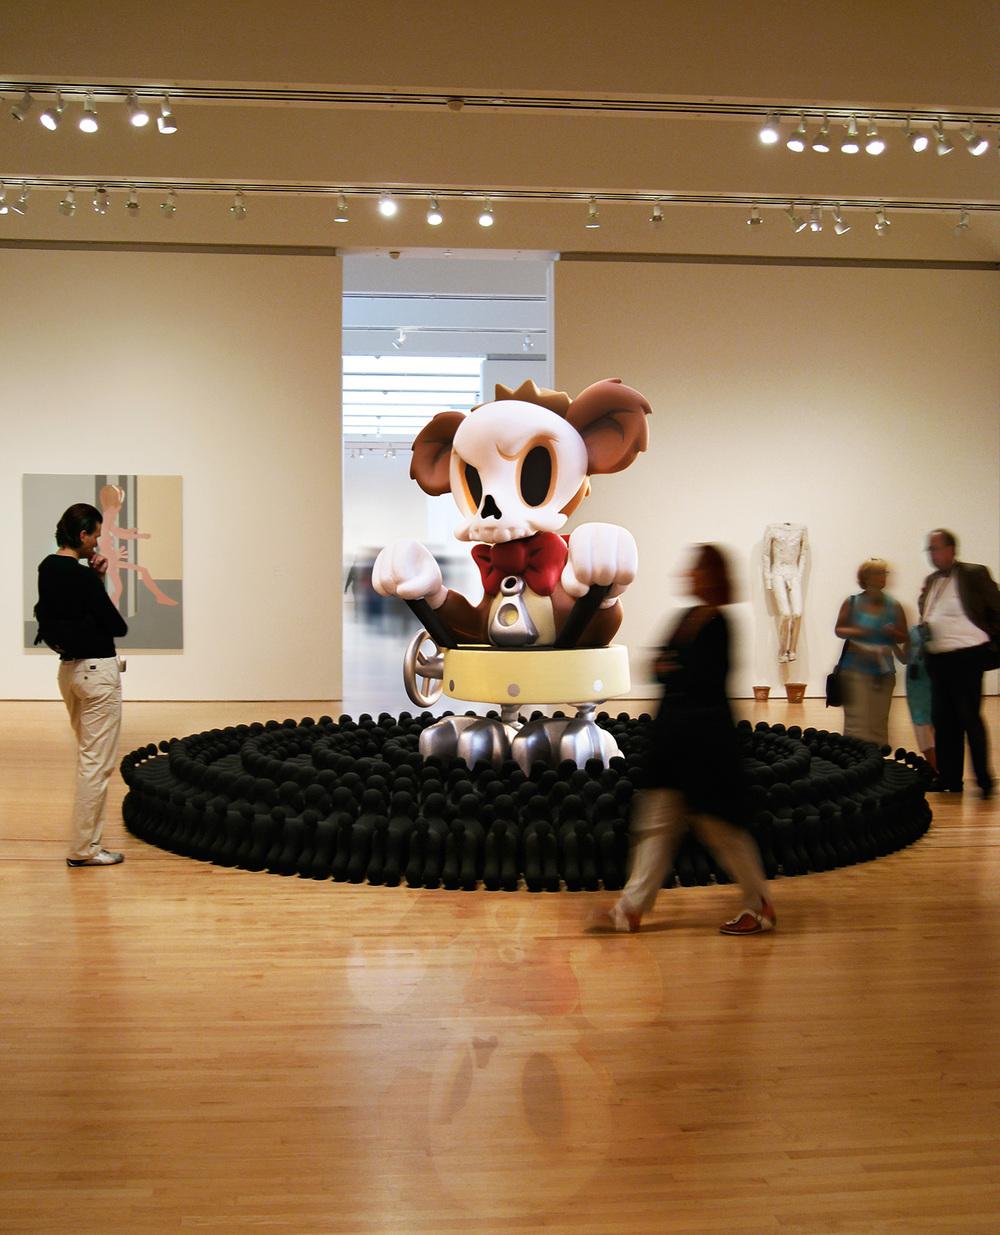 MOMA Mickey